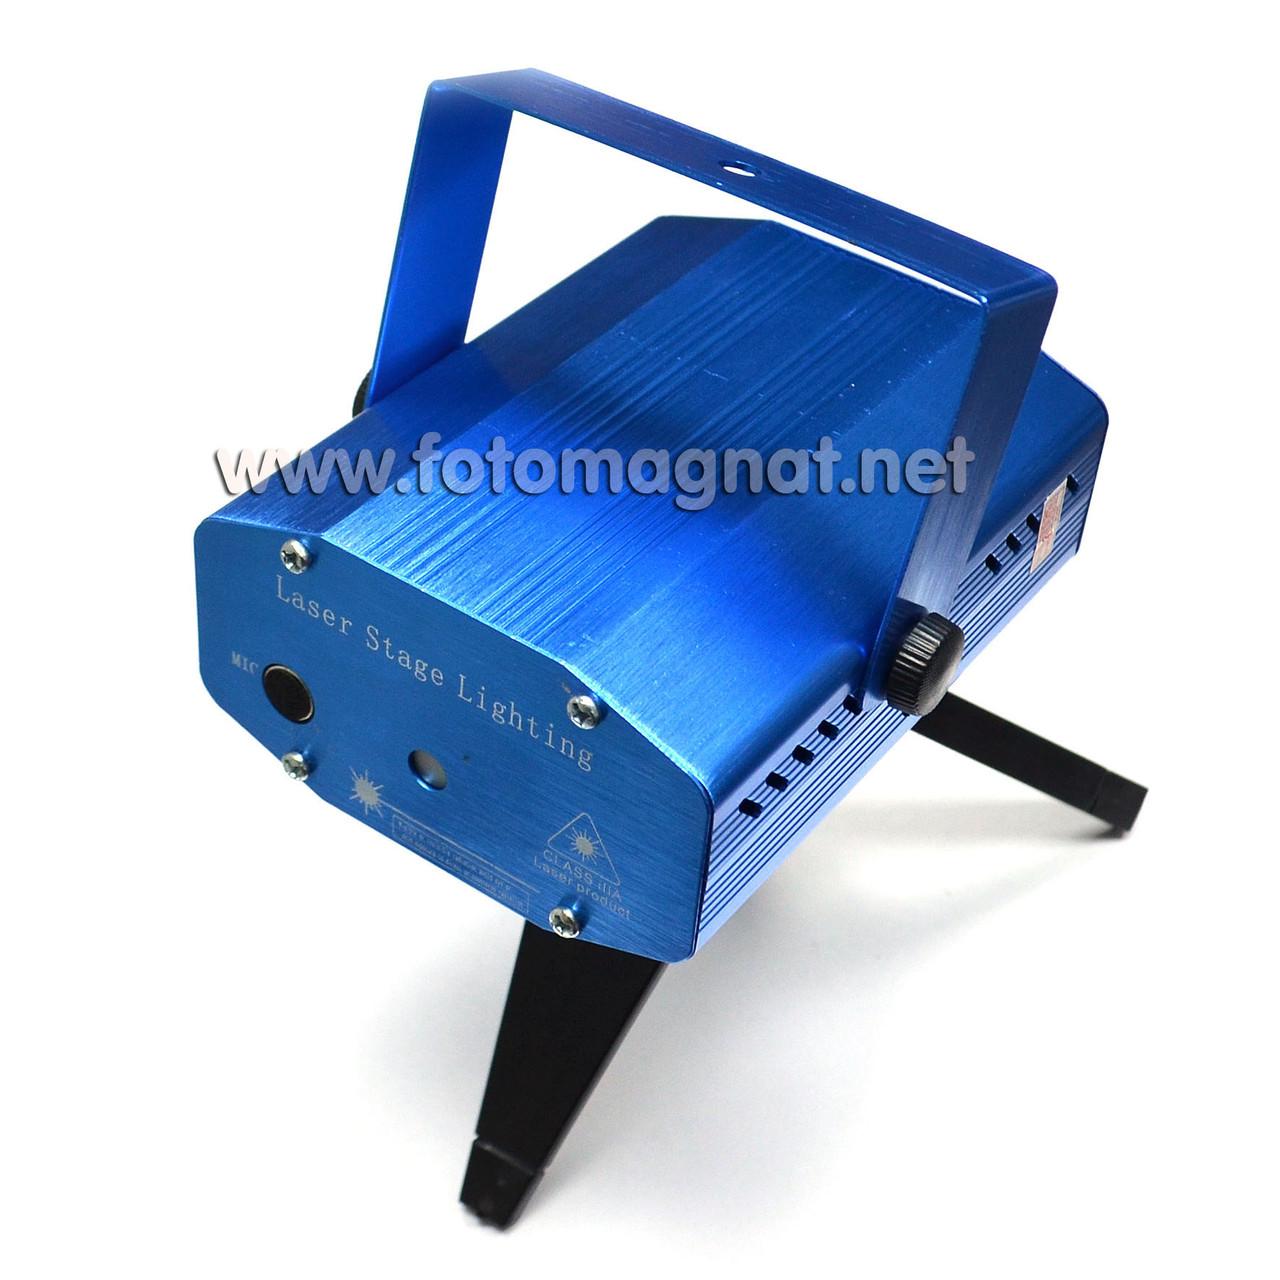 Диско Лазер S-D09 (Лазерный проектор, цветомузыка, стробоскоп) - Fotomagnat.net — Выгодные покупки начинаются здесь в Днепре